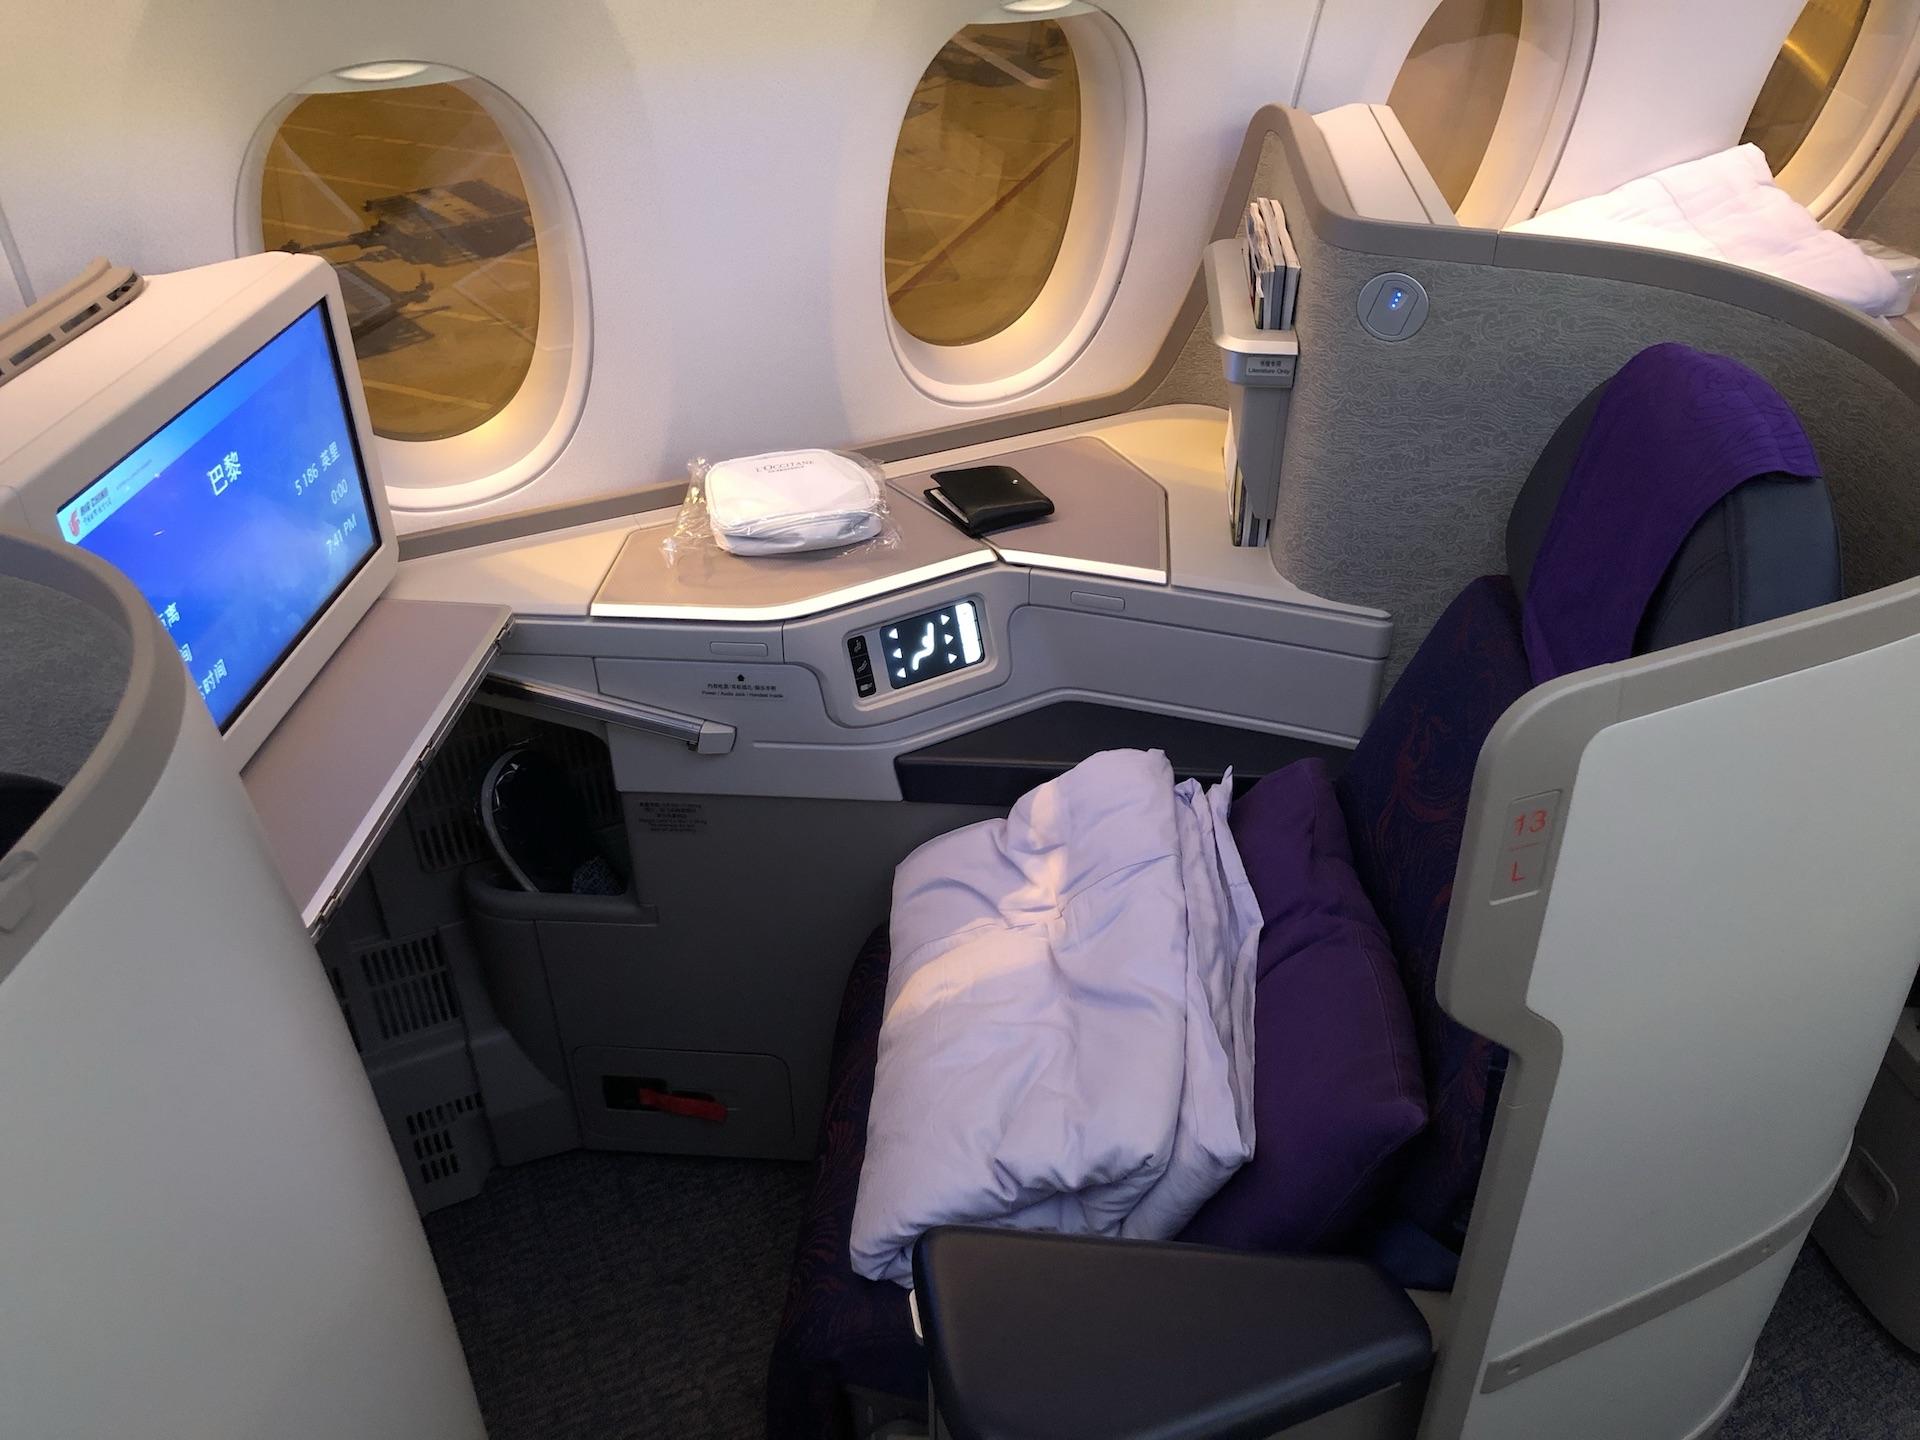 [萊恩飛行紀錄] Air China Business Class 中國國際航空商務艙/PEK ~ CDG 北京~巴黎(Airbus A350-900機型)   TripPlus